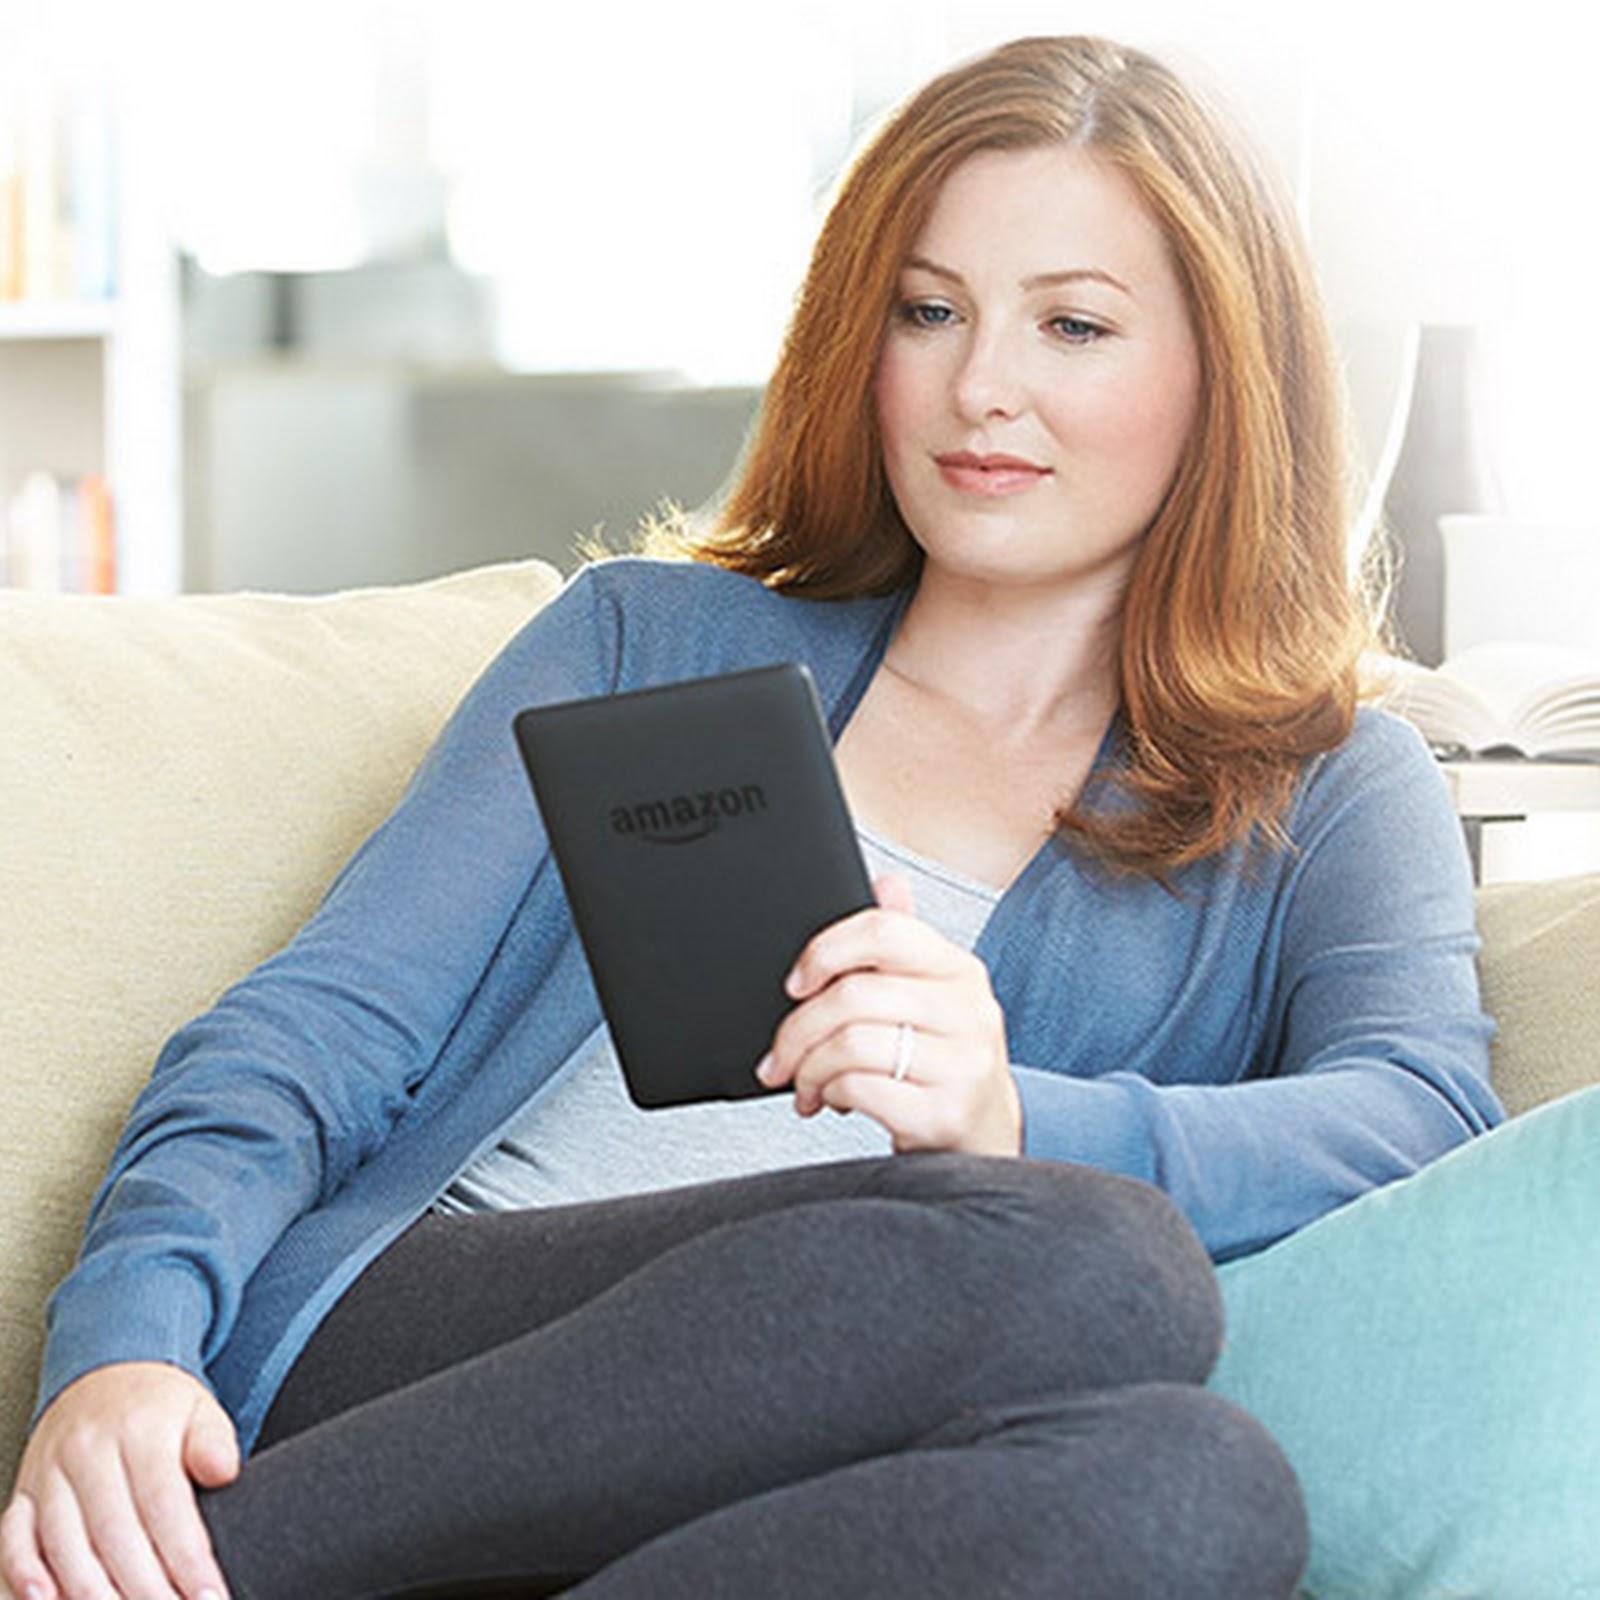 Te contamos todo sobre el eBook y la apuesta de Amazon para este año 2017: el nuevo Kindle Paperwhite ya está disponible y a la venta para todos.